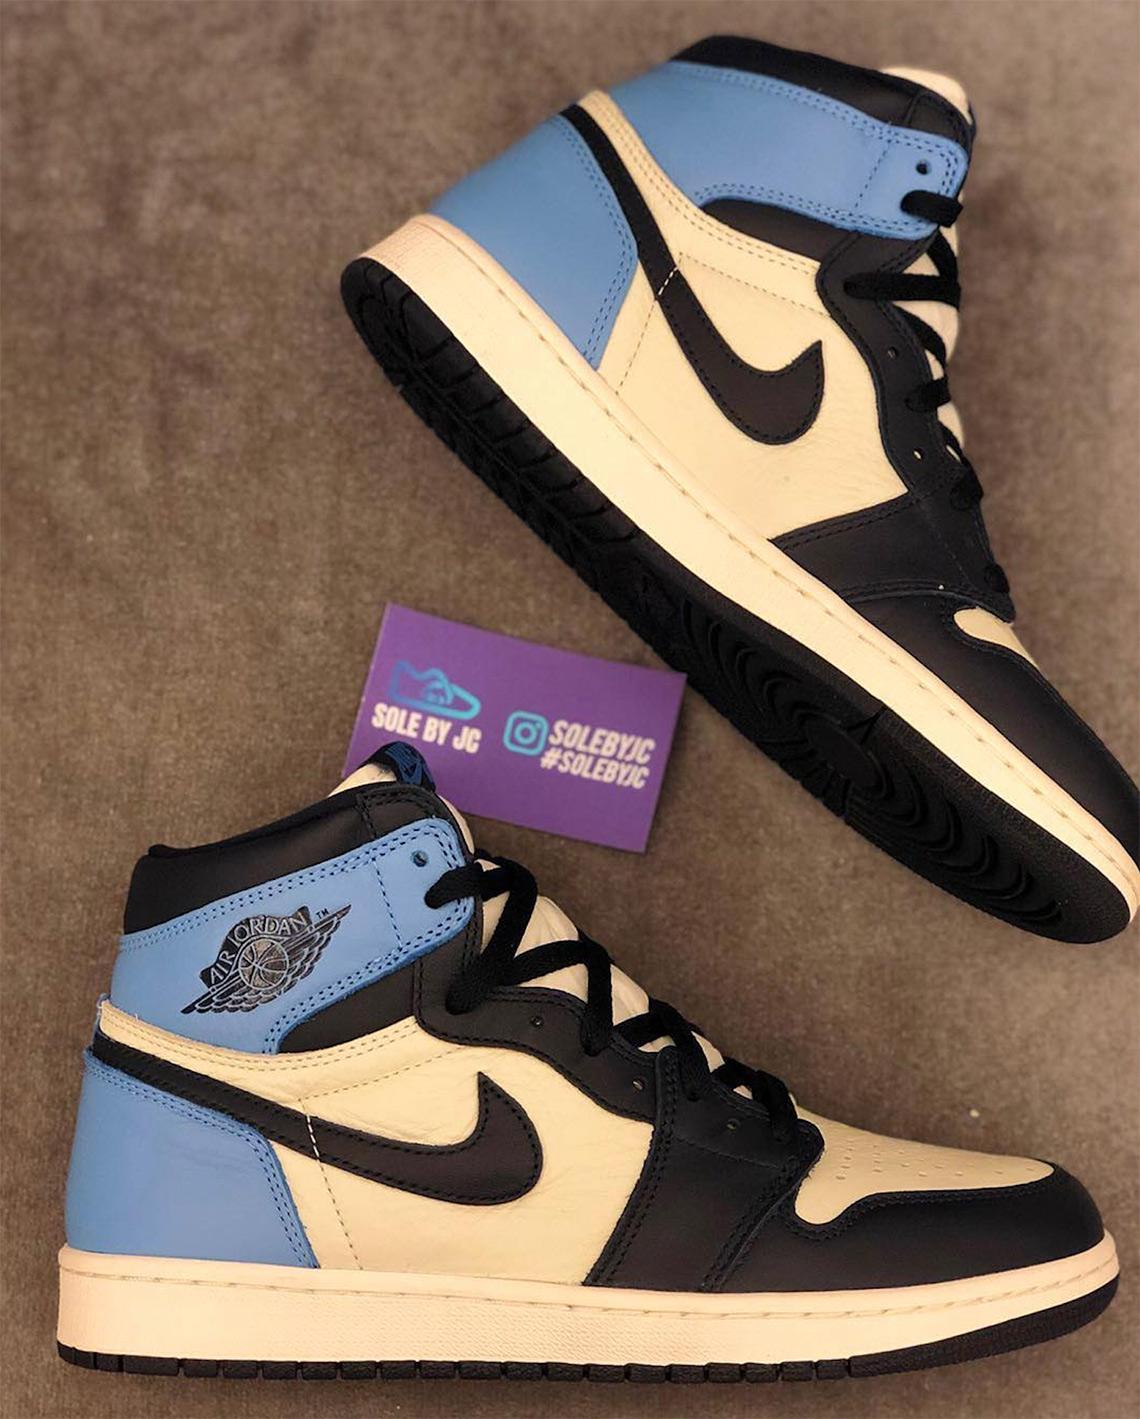 Jordan 1 UNC Leather 555088-140 Release